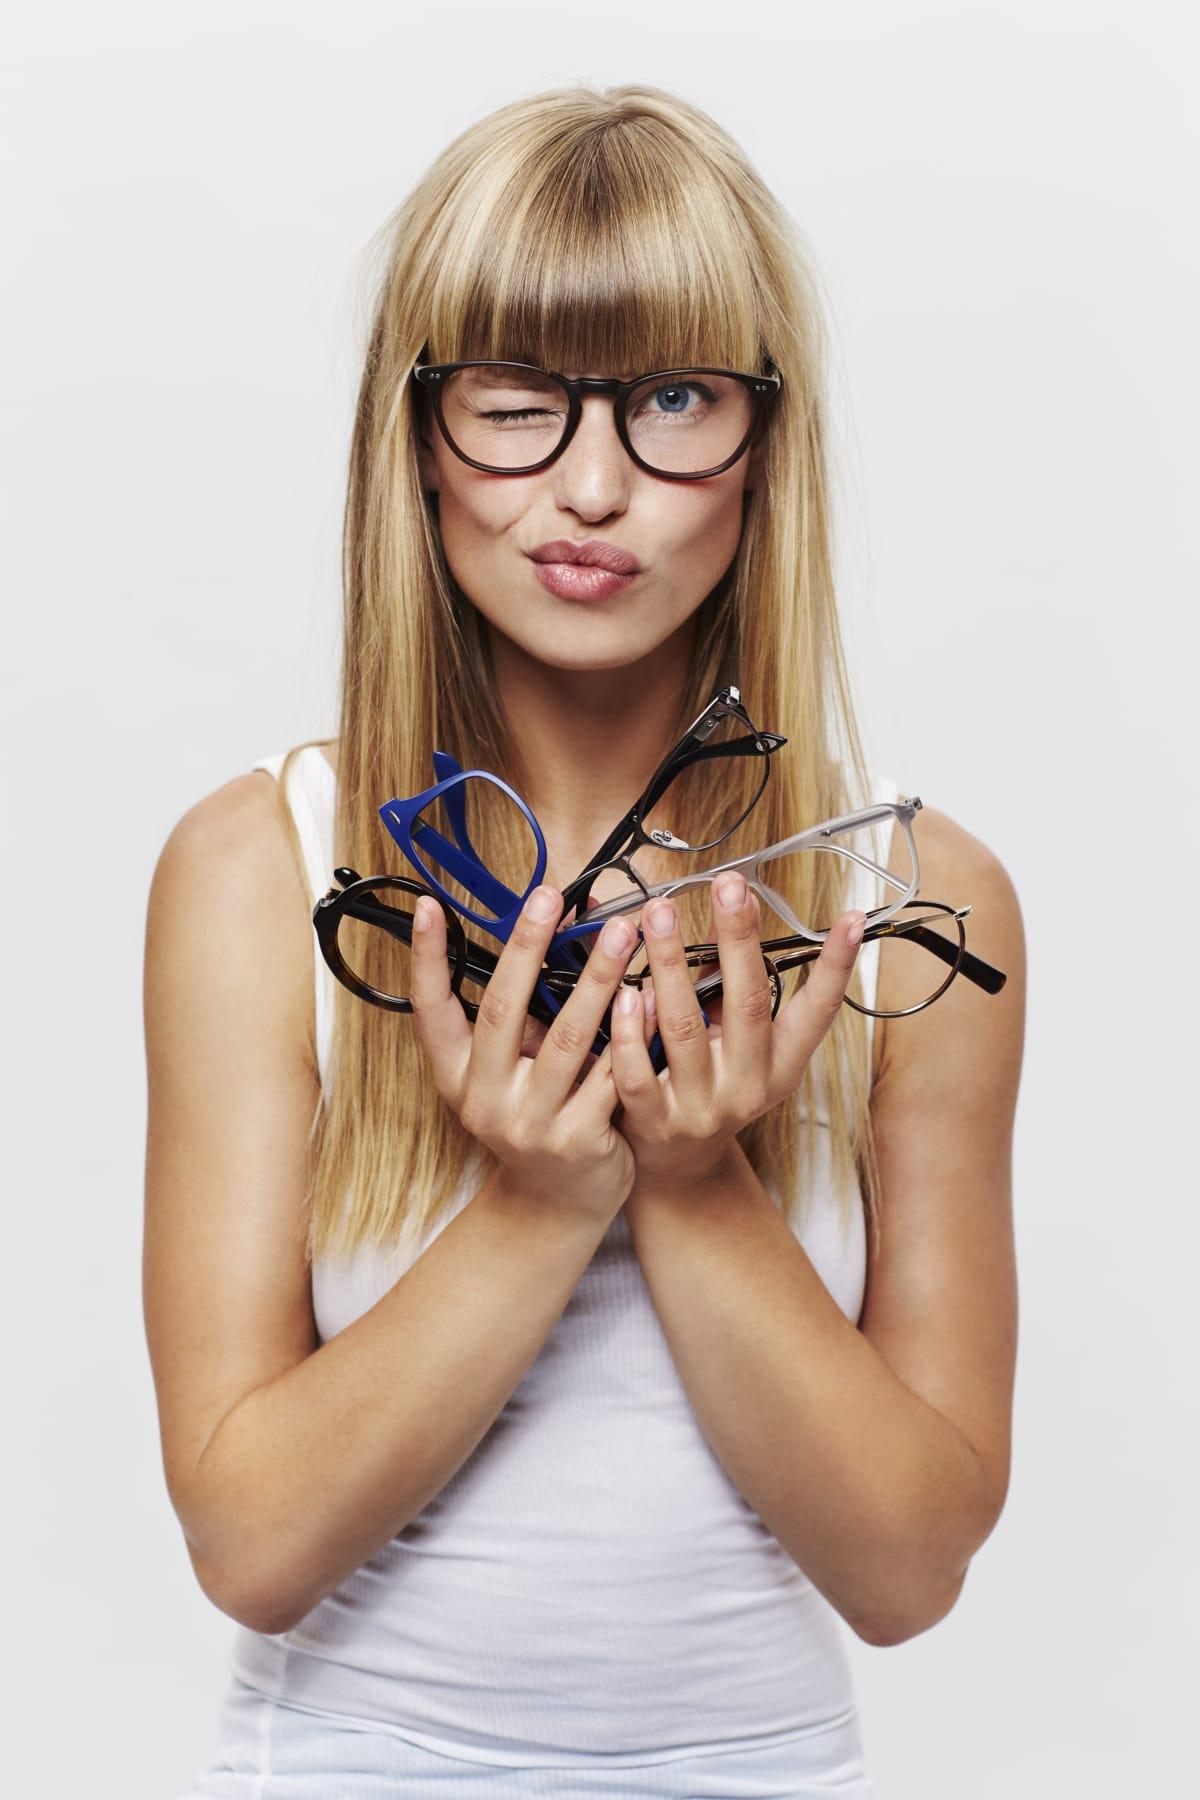 Brillen 99 in Bonn Bad Godesberg - Einstärkenbrillen ab 99,- Euro und Gletischtbrillen (Mehrsträrkenbrillen) ab 199,- Euro